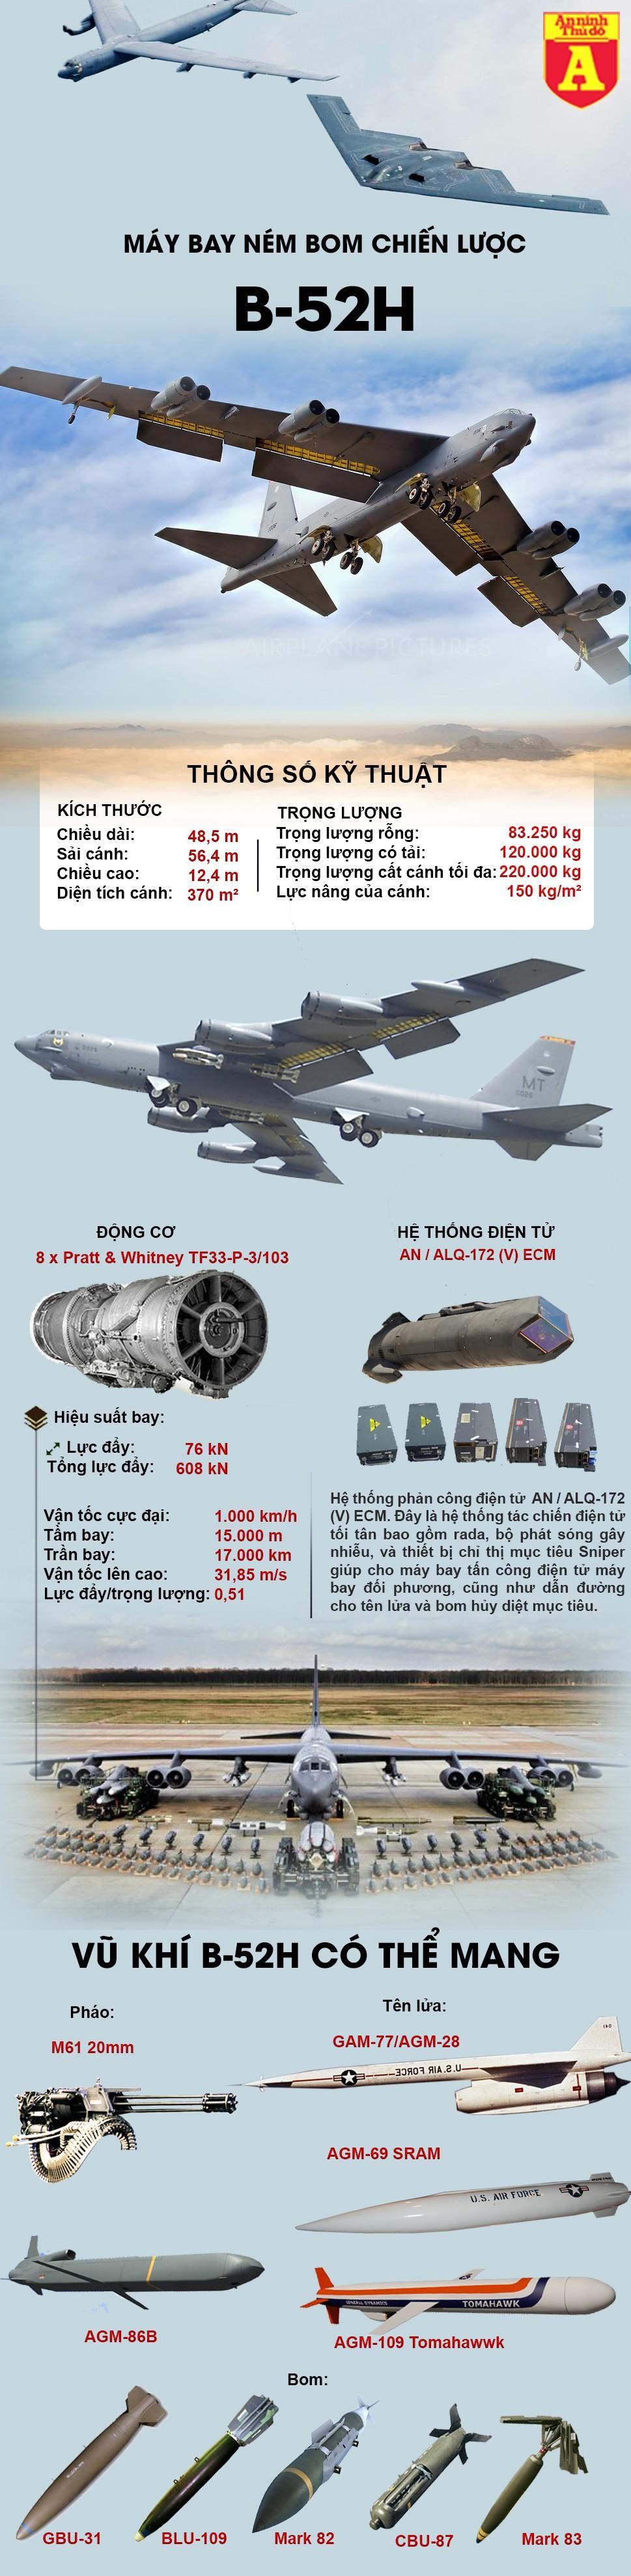 [Infographic] Mỹ nâng cấp B-52 để chúng mang khối lượng bom vượt xa Tu-160 Nga ảnh 2